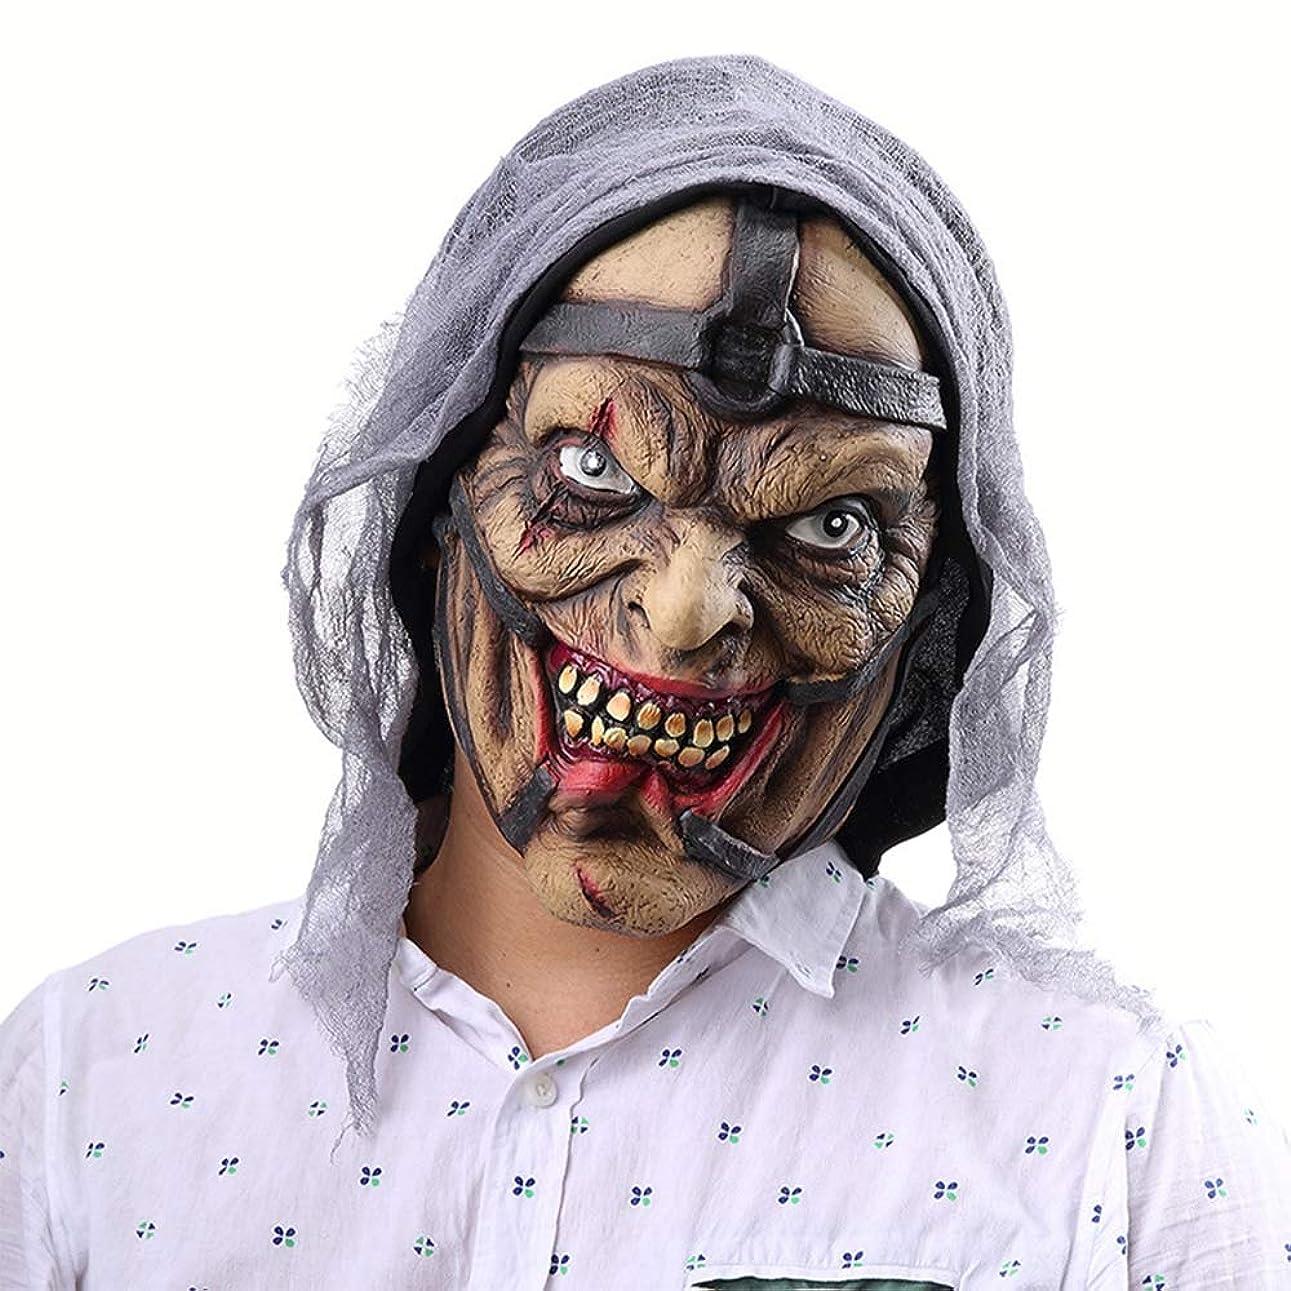 ビリー名目上の狂人ハロウィンホラーソーサレスポケモンマンマスクアマゾン外国為替ラテックスゴーストマスクヘッドギア